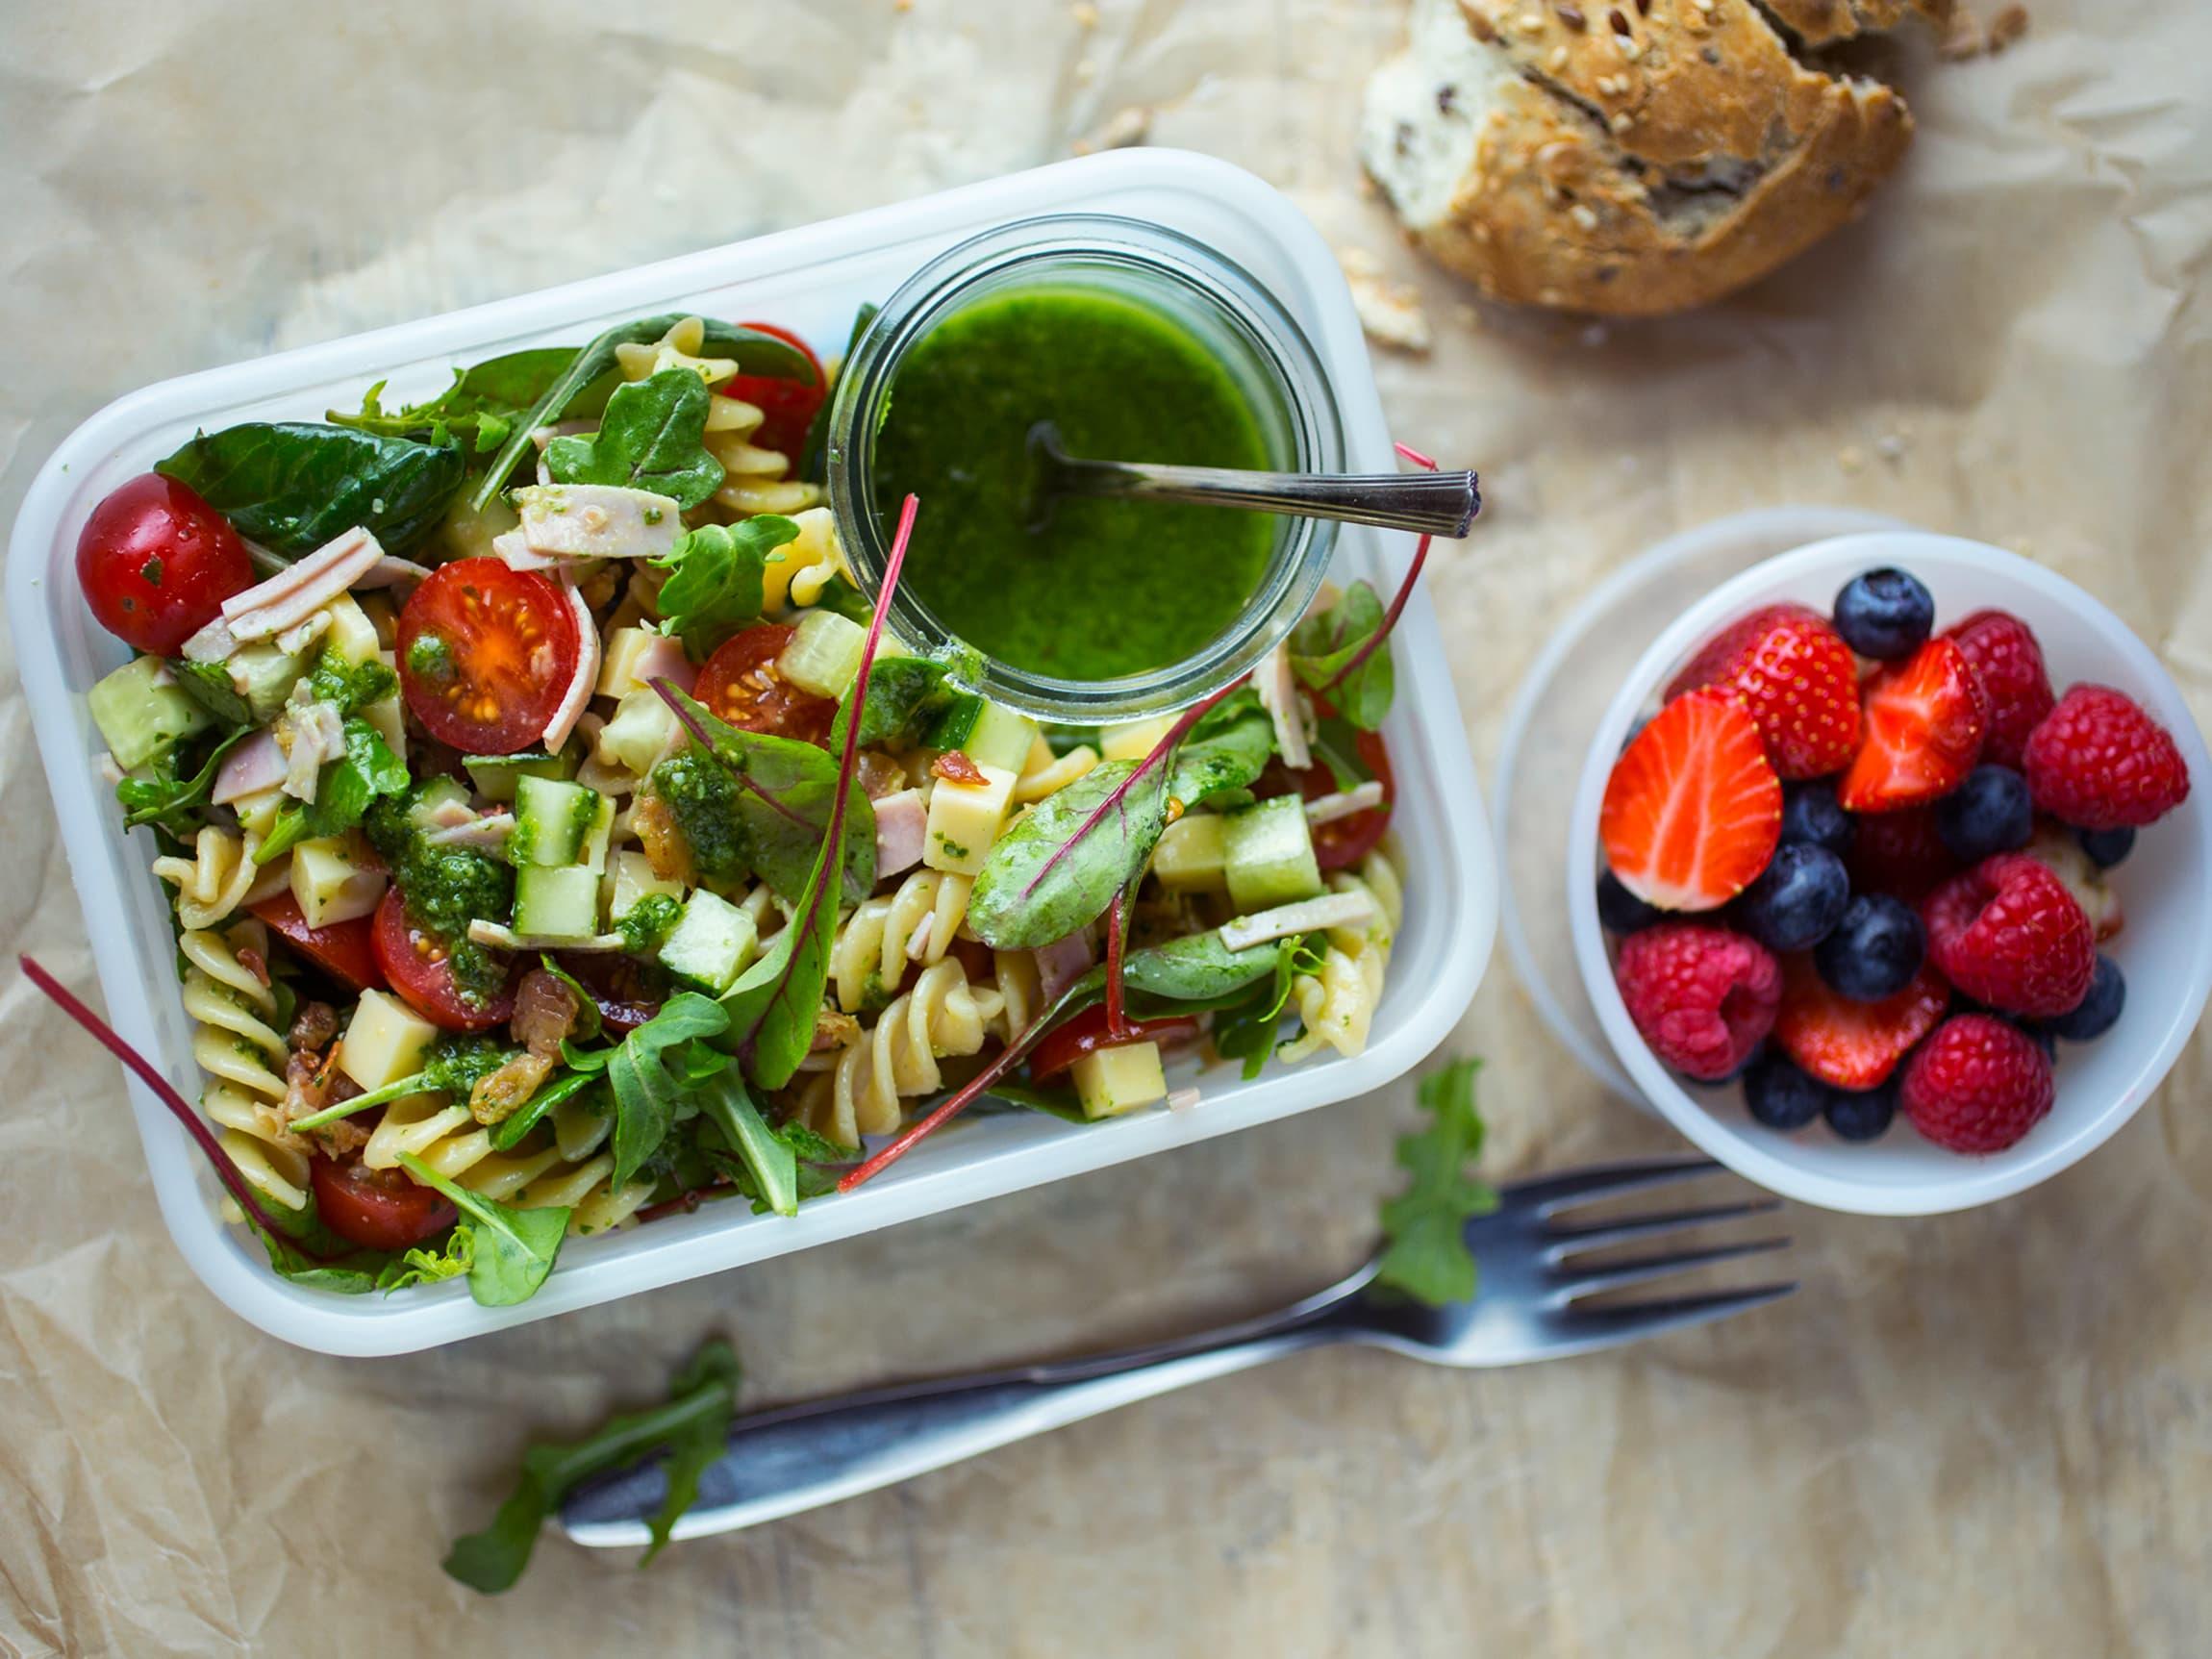 Pastasalat kan du enten lage selv, eller blande din egen i MENYs store salatbar.